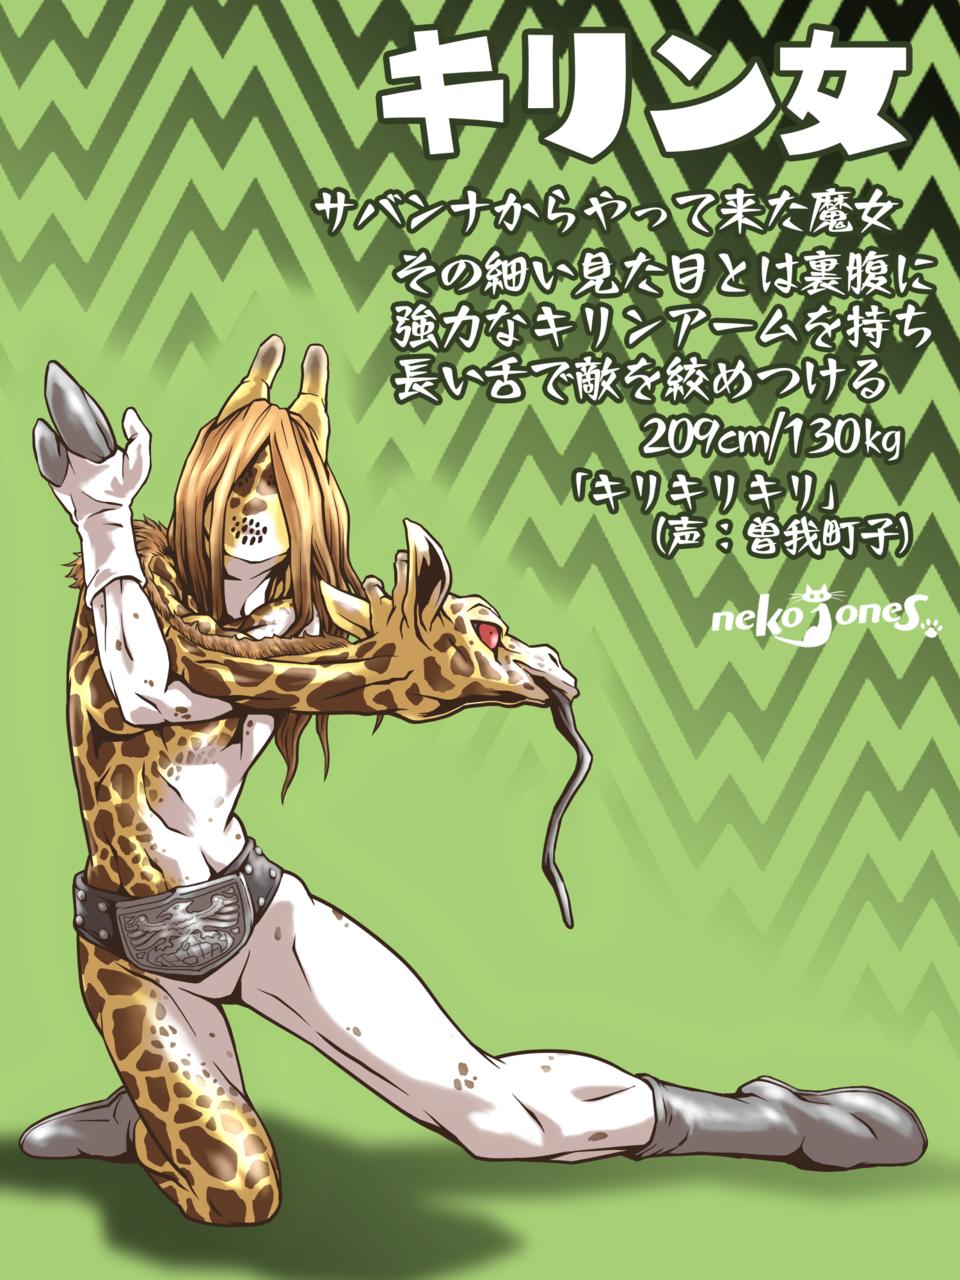 「キリン女」 Illust of neko-jones Giraffe 怪人 オリジナル怪人 KamenRider